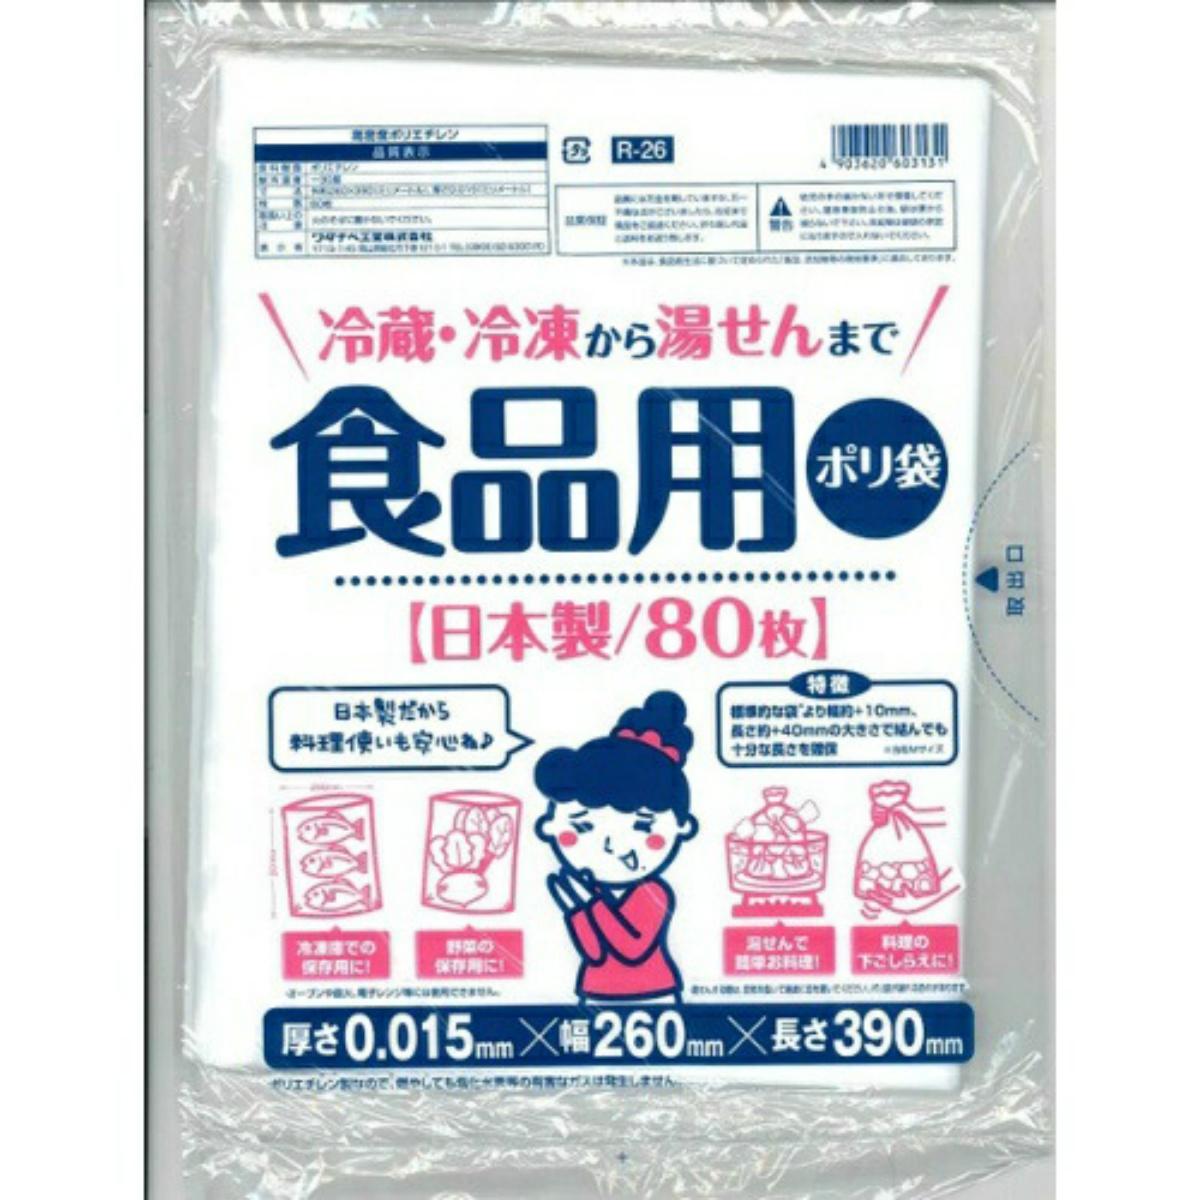 冷蔵庫での保存用に ワタナベ工業 超激安特価 超定番 食品用 ポリ袋 80枚入 耐熱